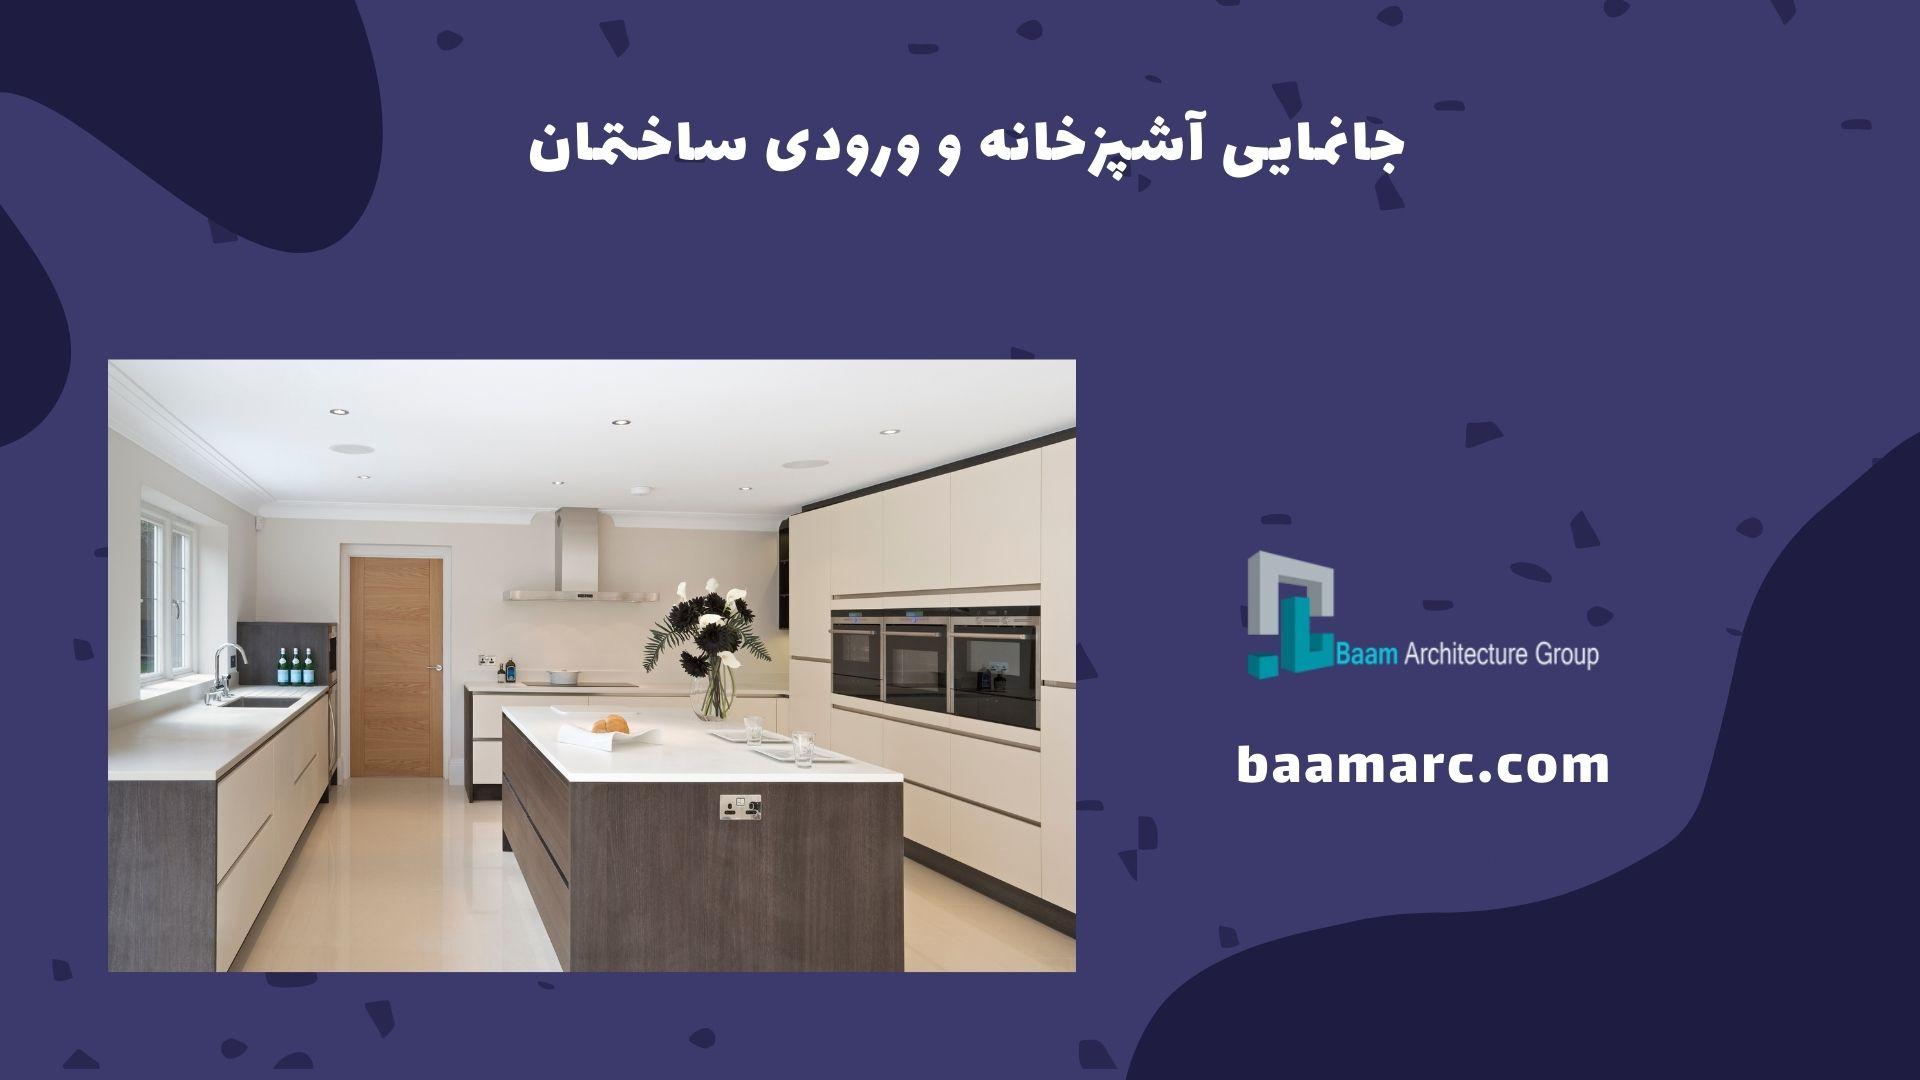 جانمایی آشپزخانه و ورودی ساختمان